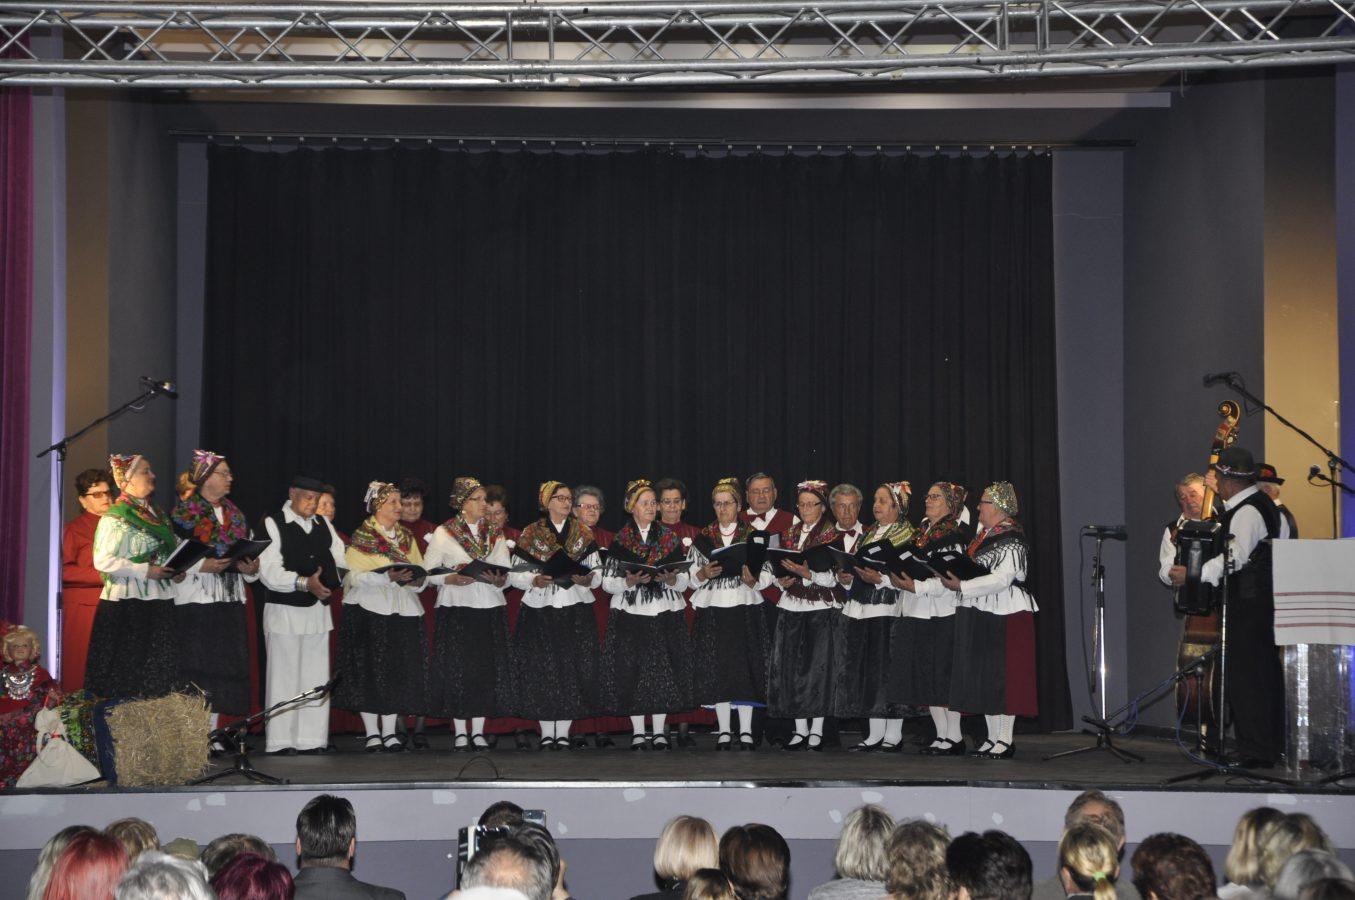 Festival manjina (1)